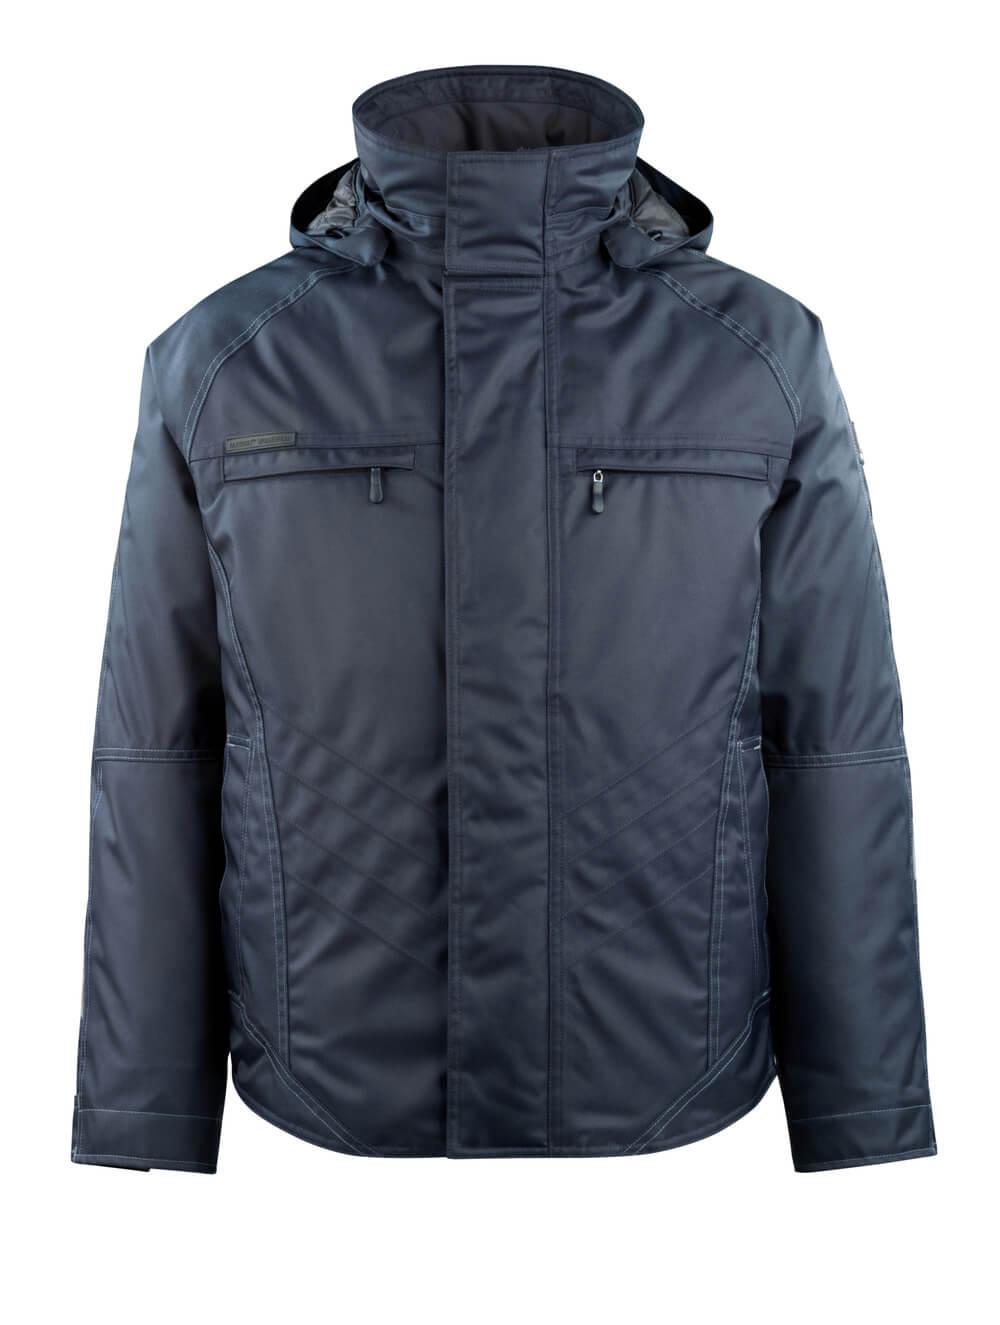 12135 211 Winter Jacket MASCOT® UNIQUE